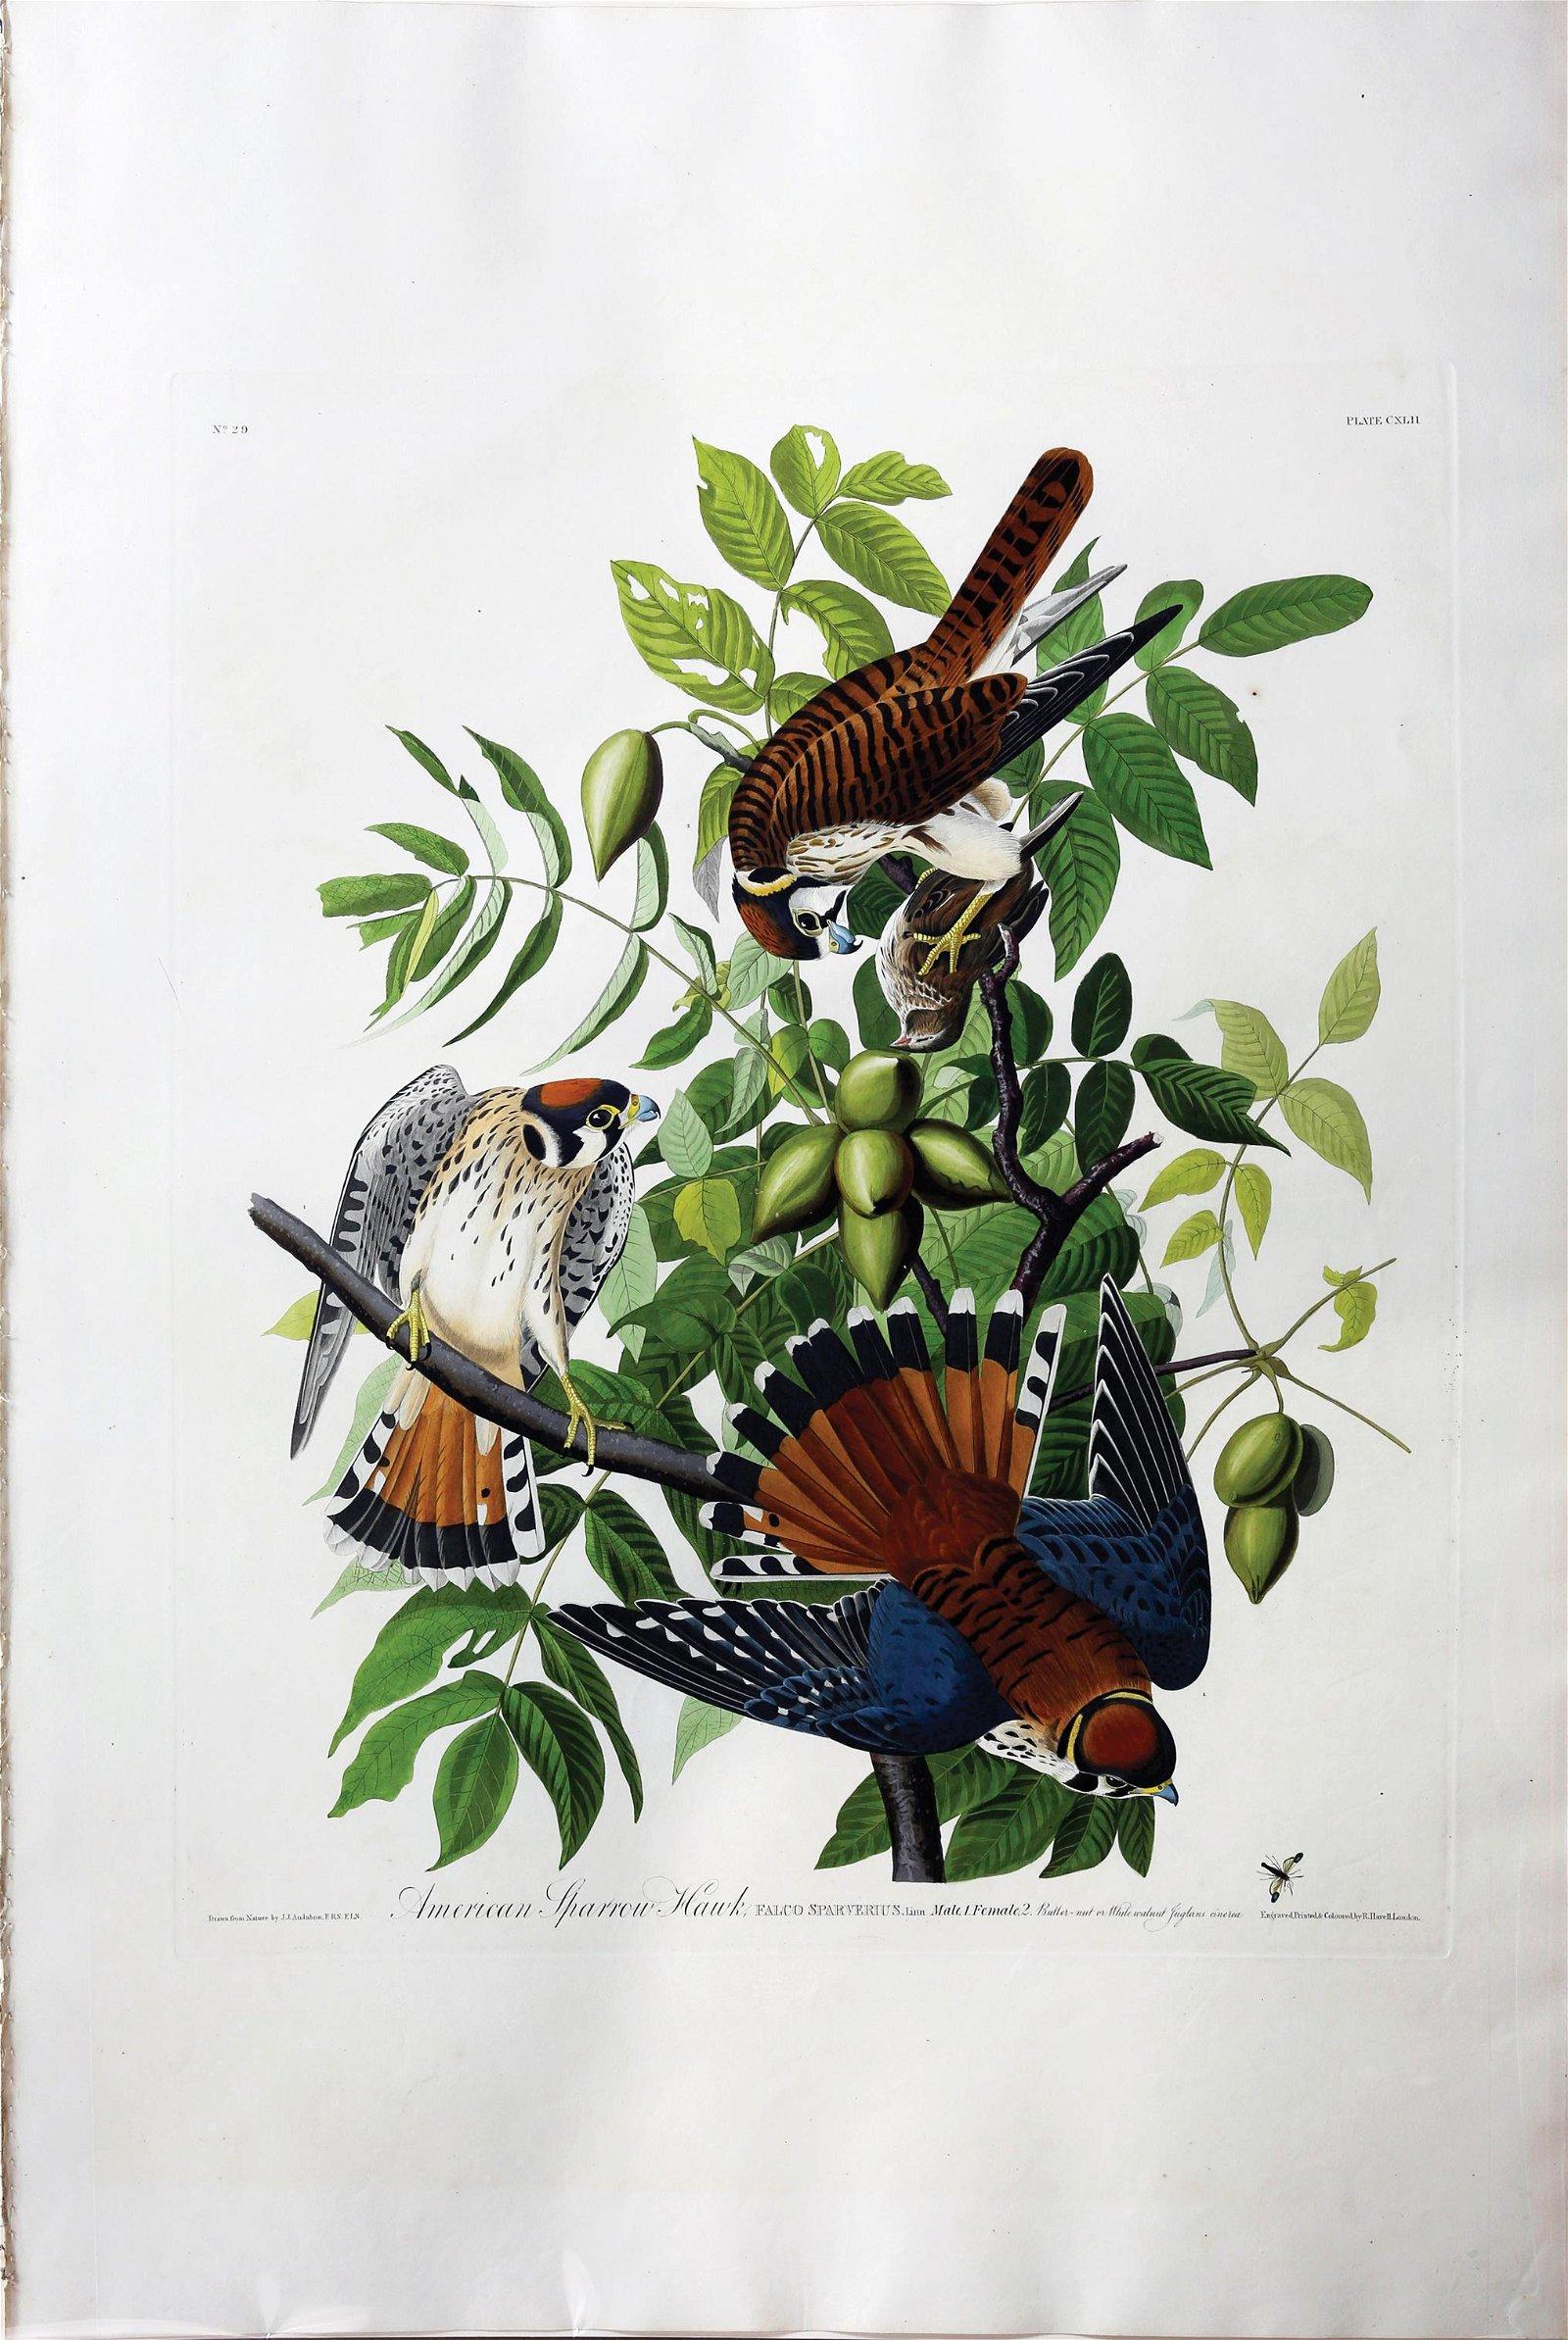 Audubon Aquatint American Sparrow Hawk